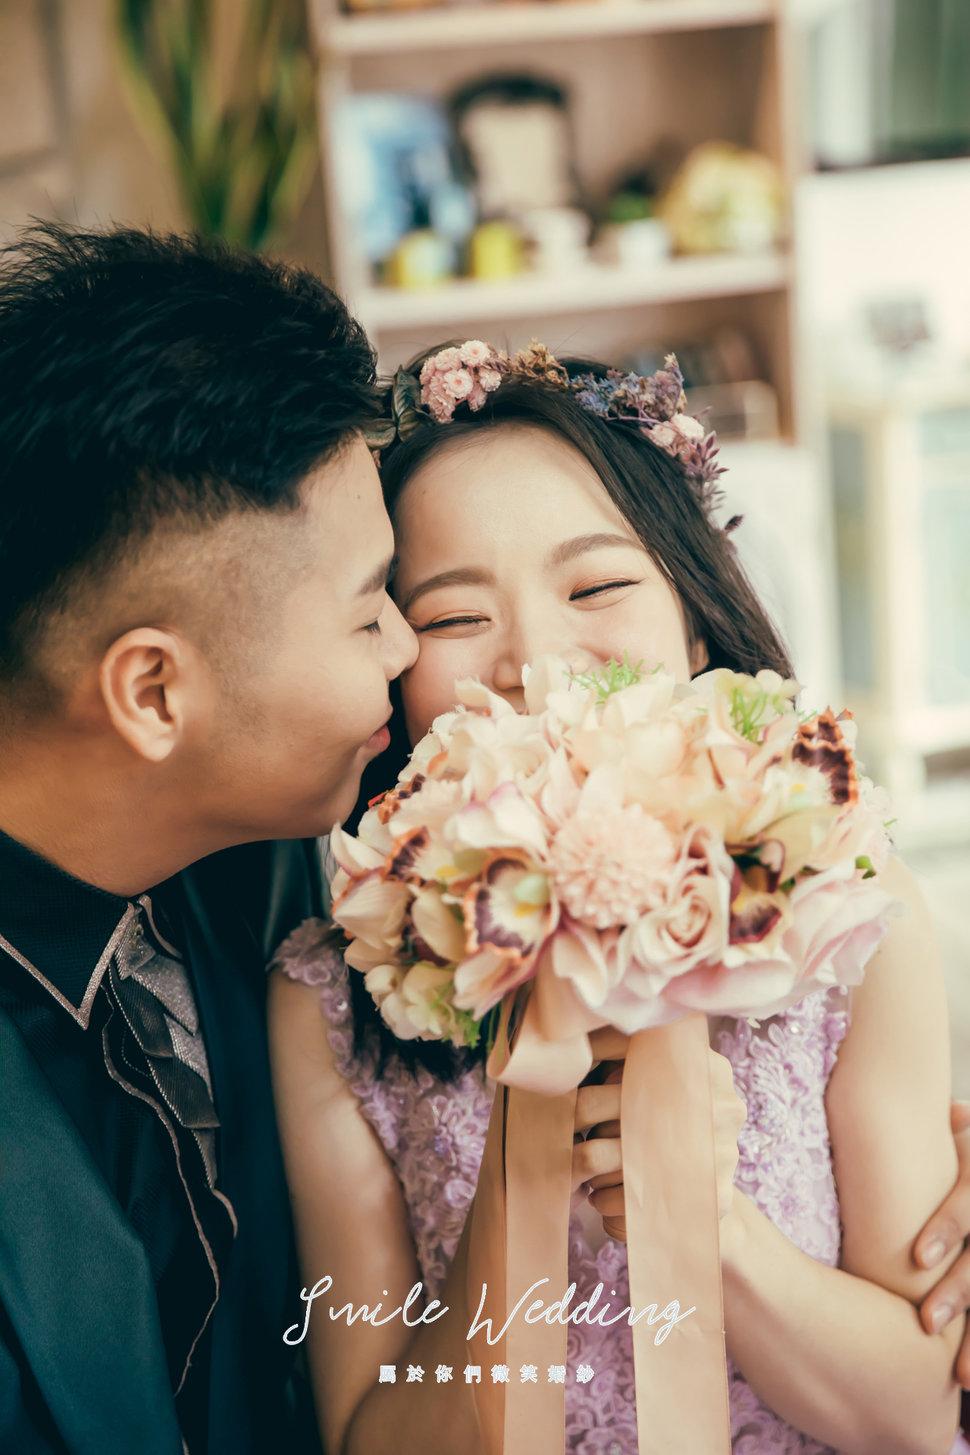 514A6939 - Smile wedding 微笑婚紗《結婚吧》